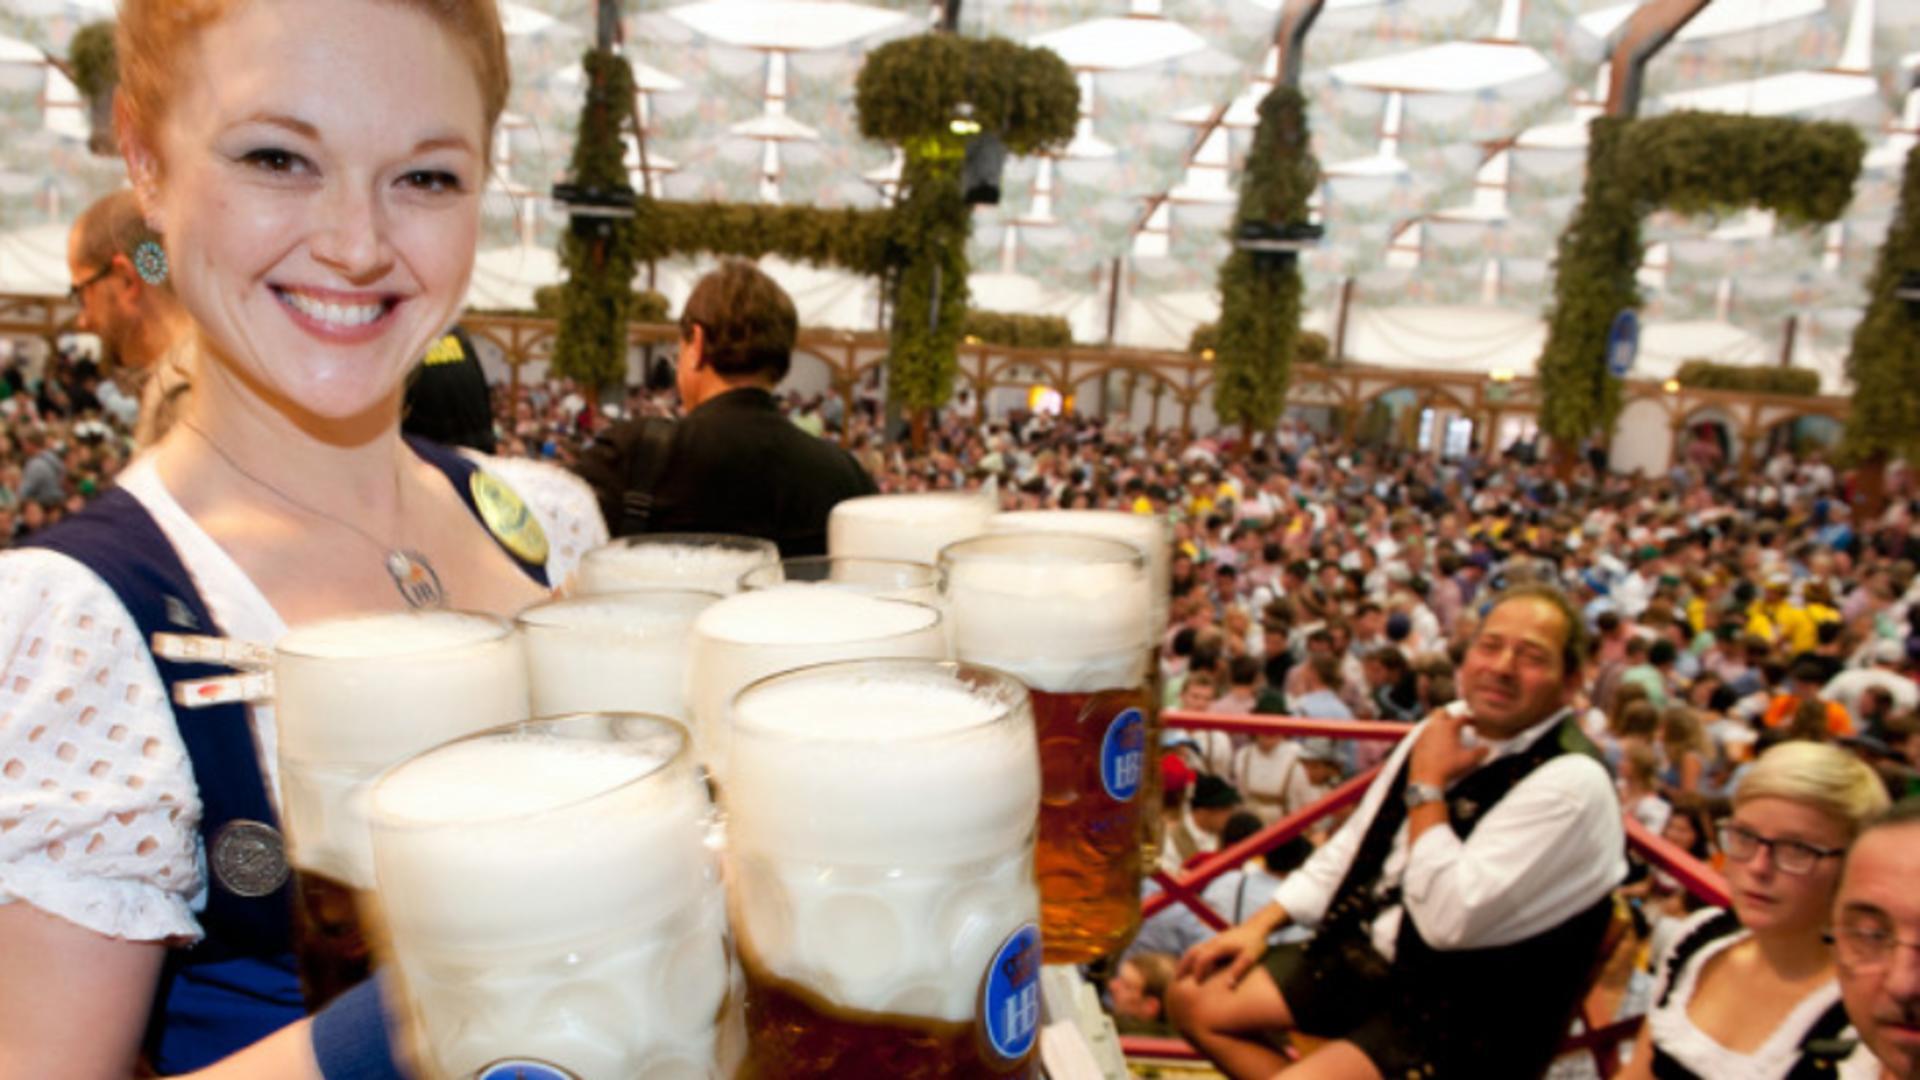 Germania ANULEAZĂ, pentru la doilea an, festivalul de bere Oktoberfest, din cauza coronavirusului